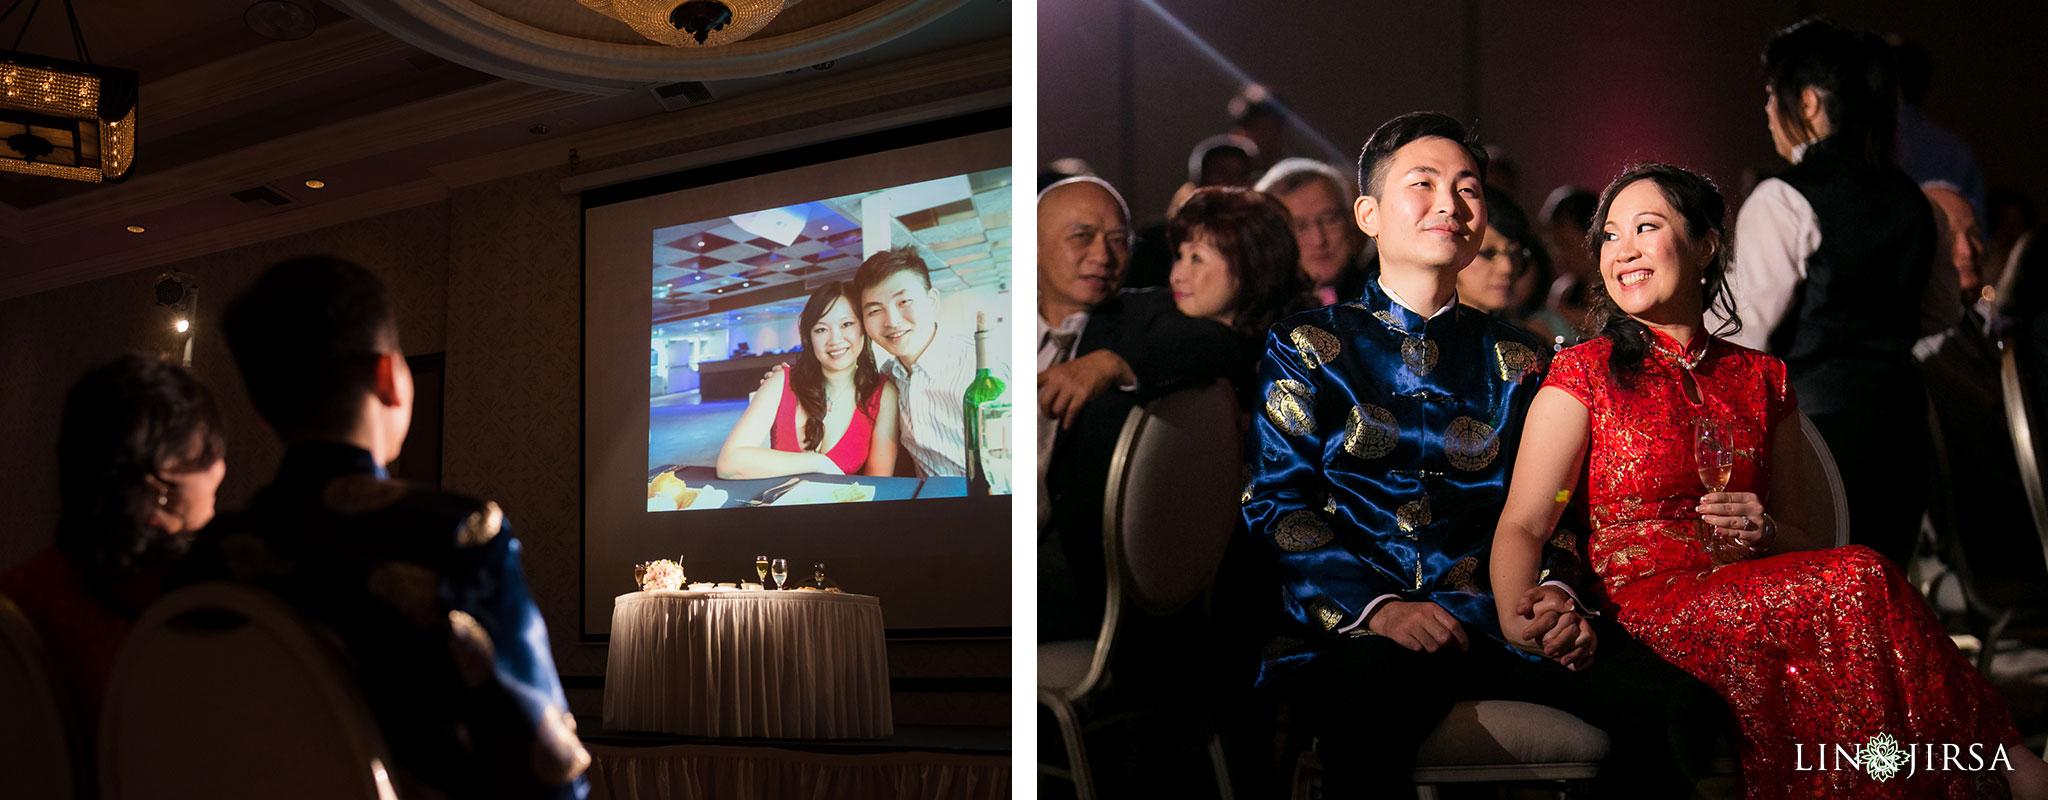 28 san gabriel hilton wedding reception photography